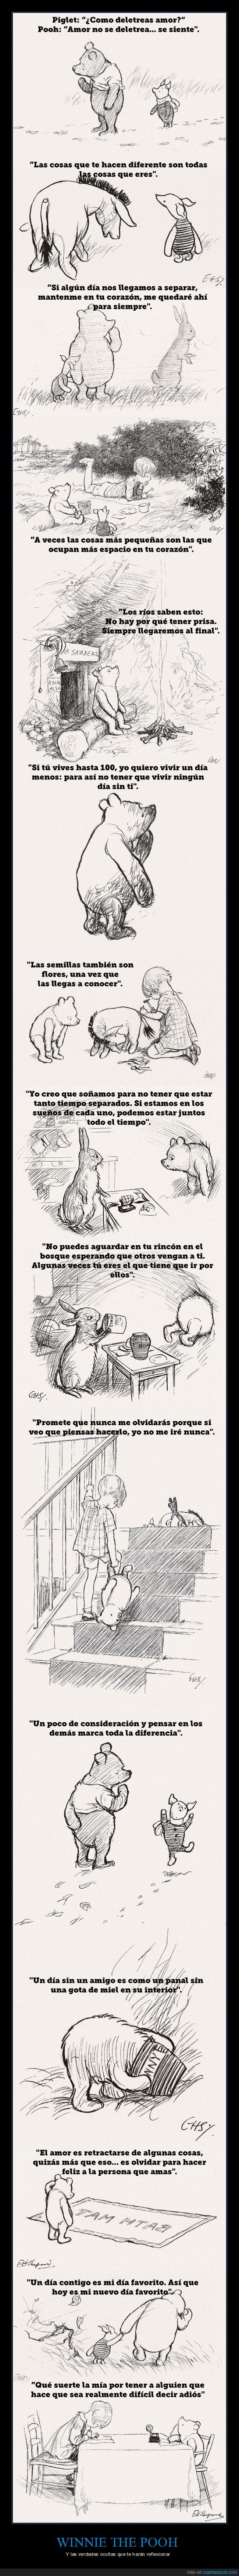 dibujos,verdades,winnie the pooh